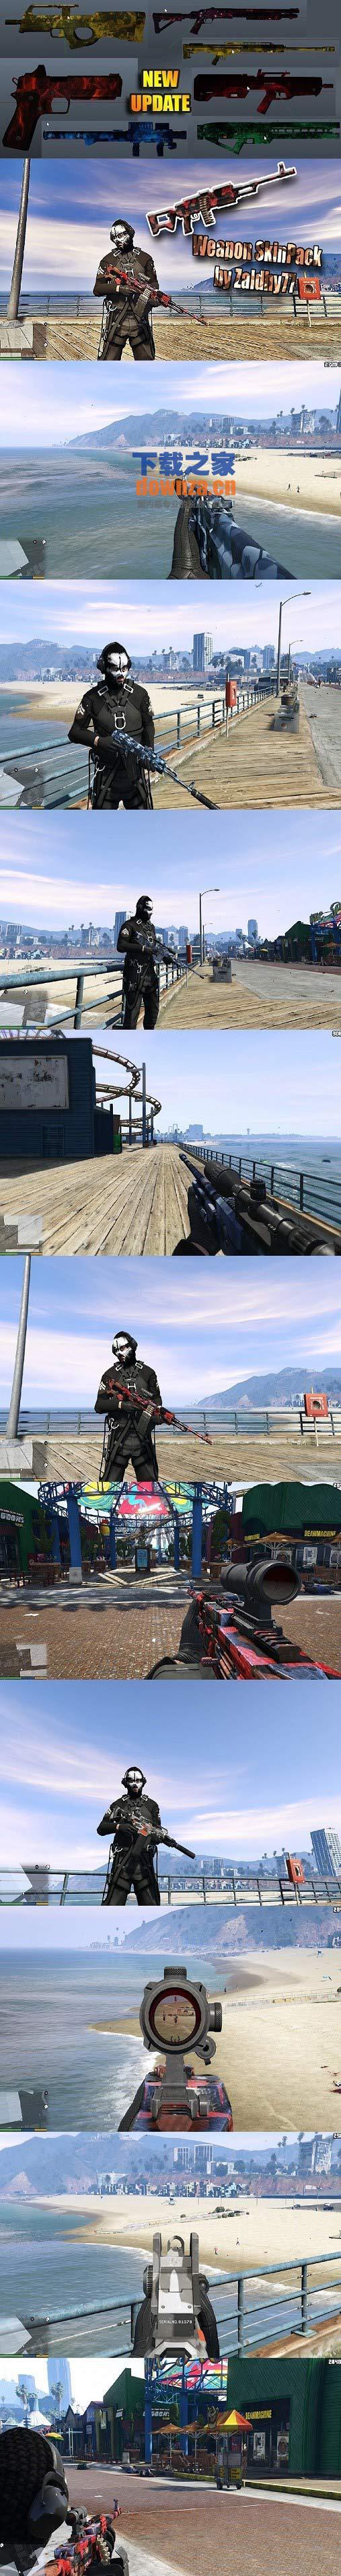 gta5新增枪支皮肤包MOD